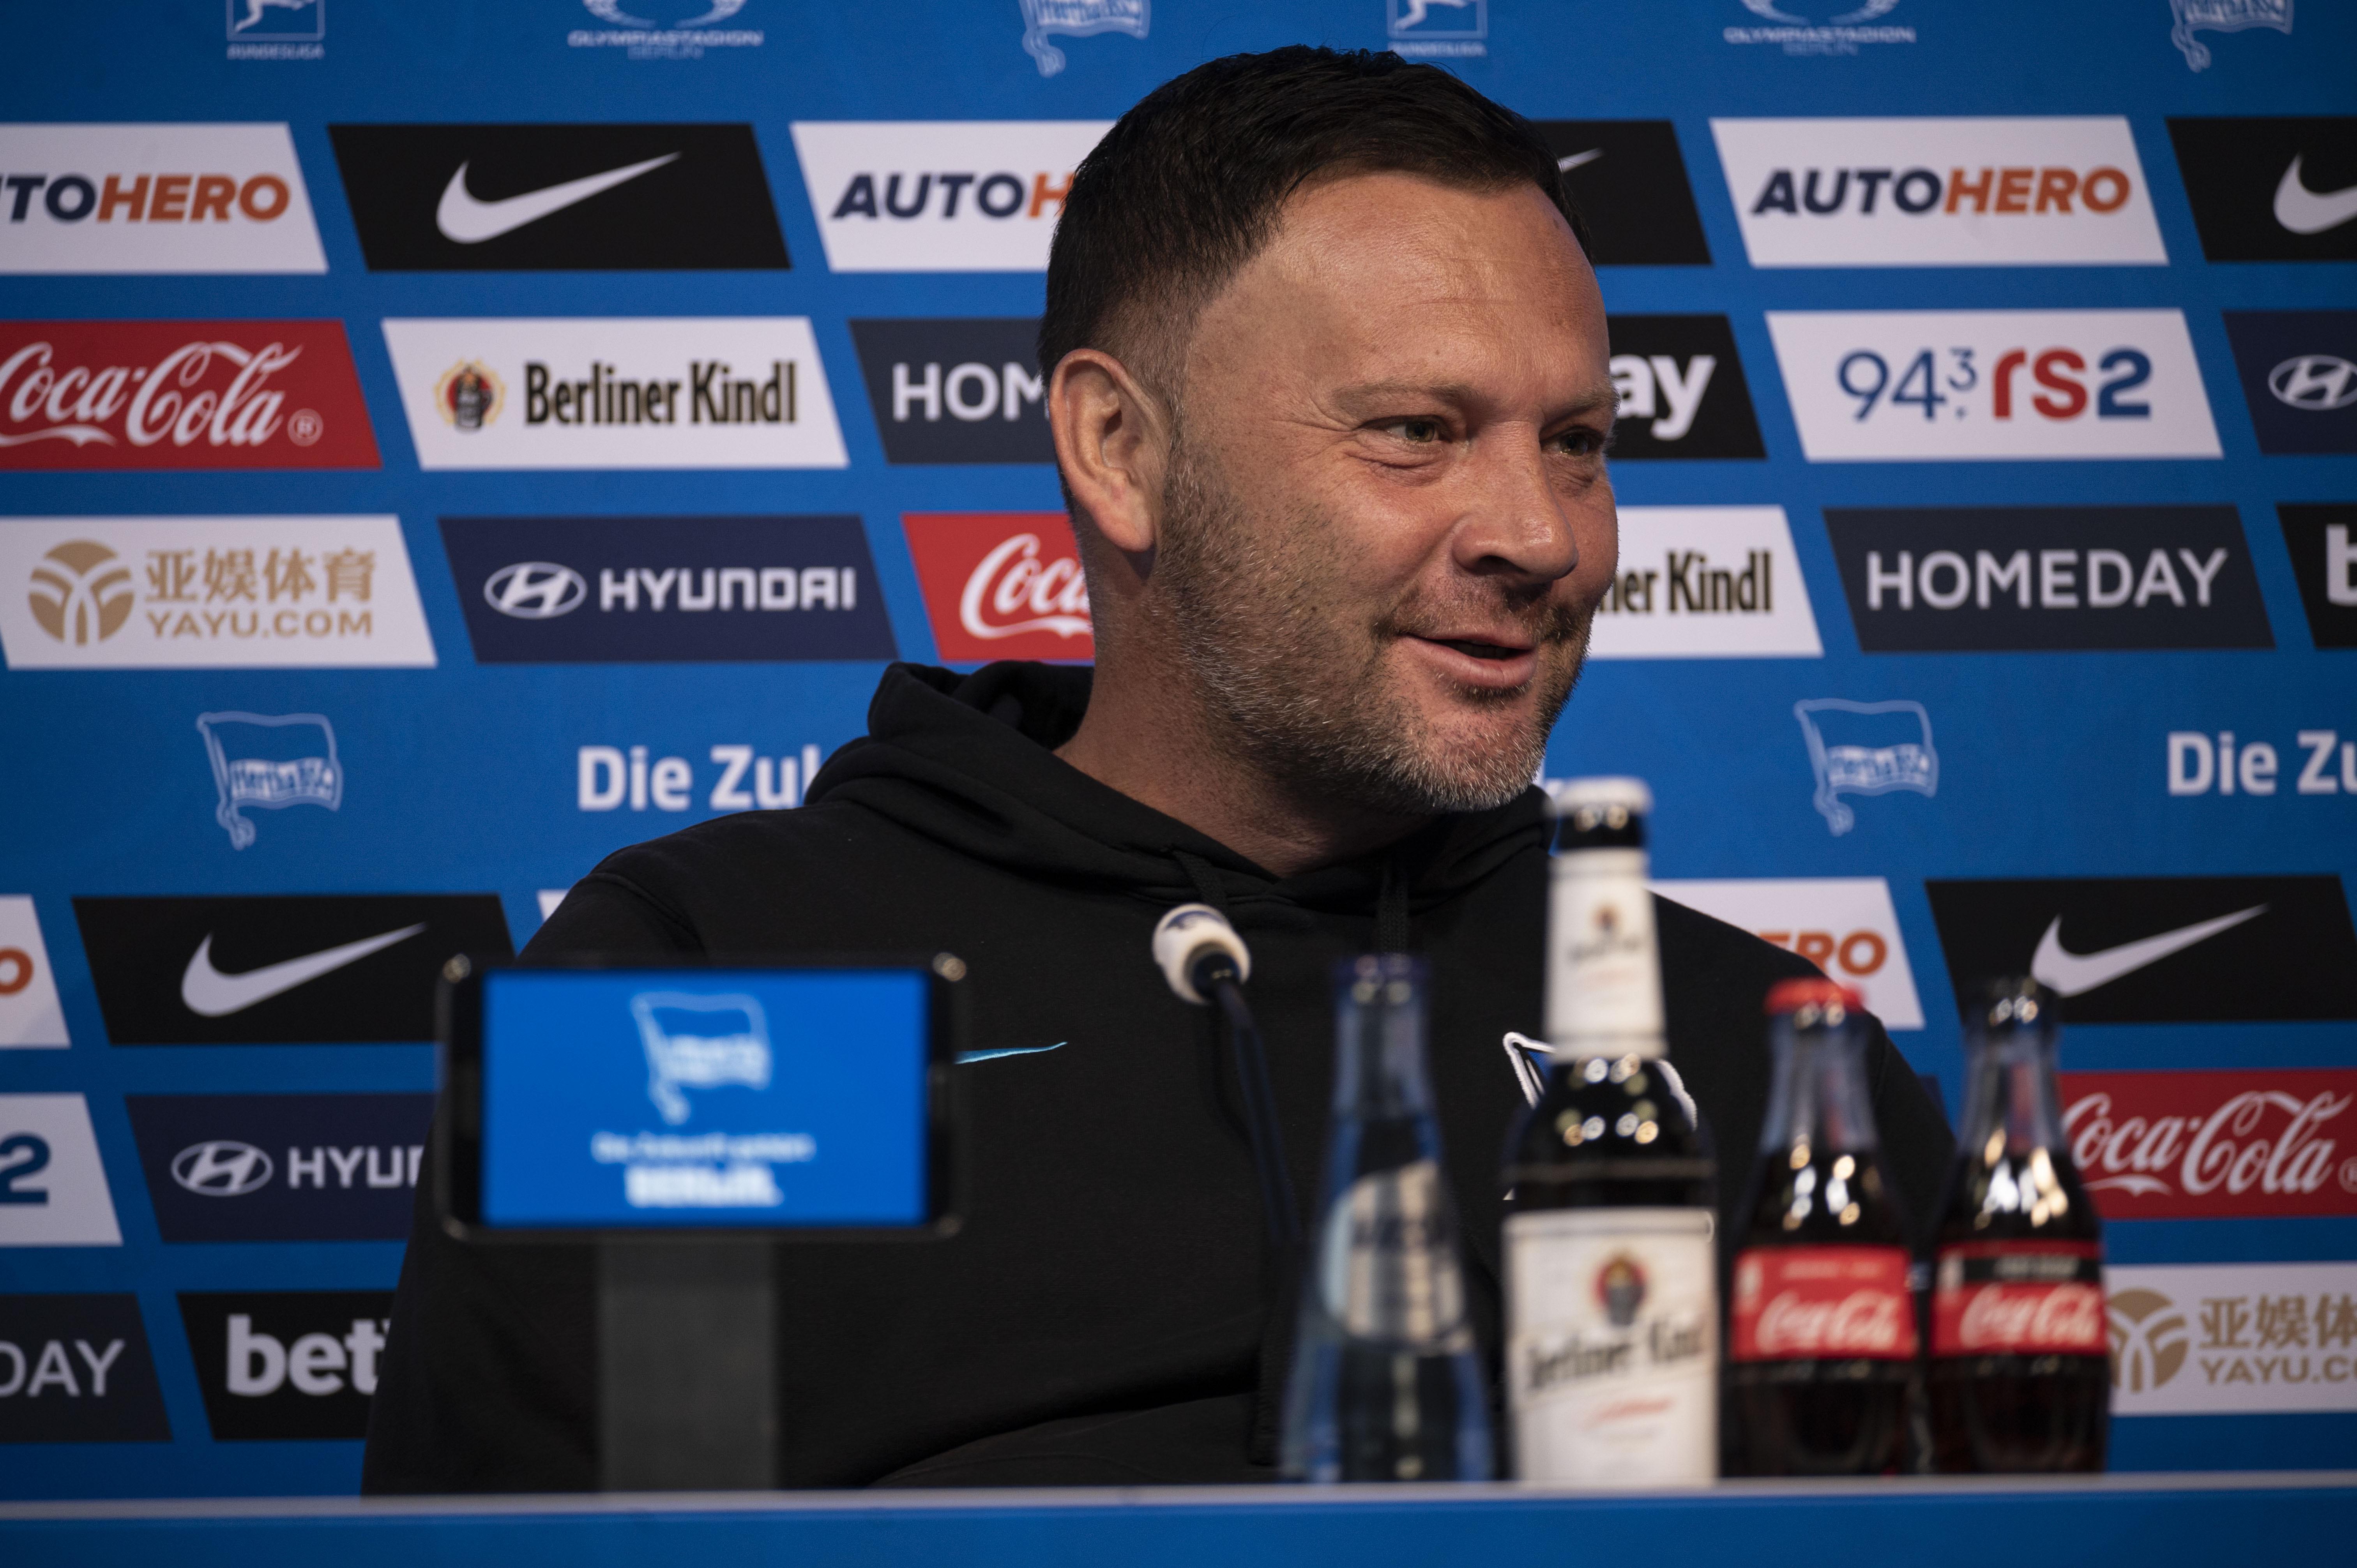 Pál Dárdai sitzt auf dem Podium im Medienraum von Hertha BSC.